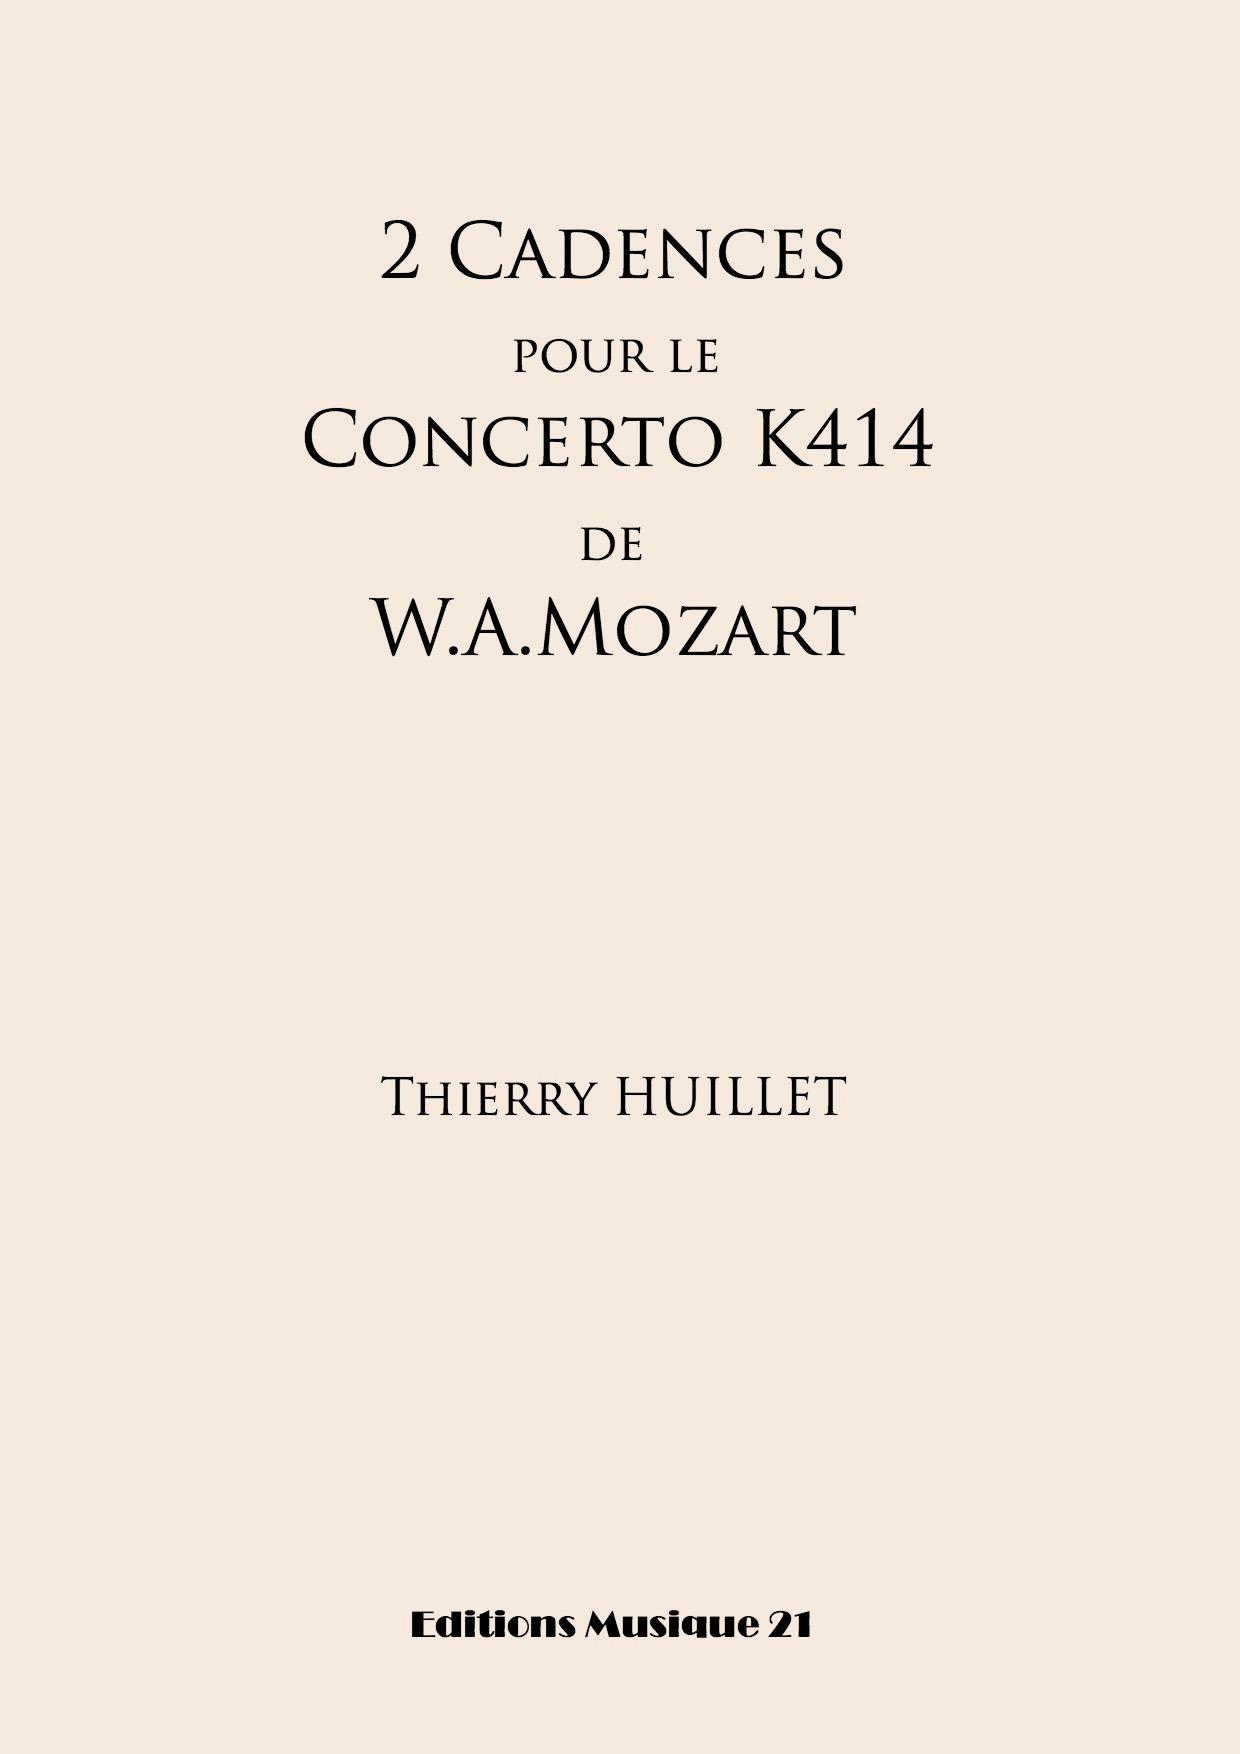 2 Cadences For Mozart's Concerto K414